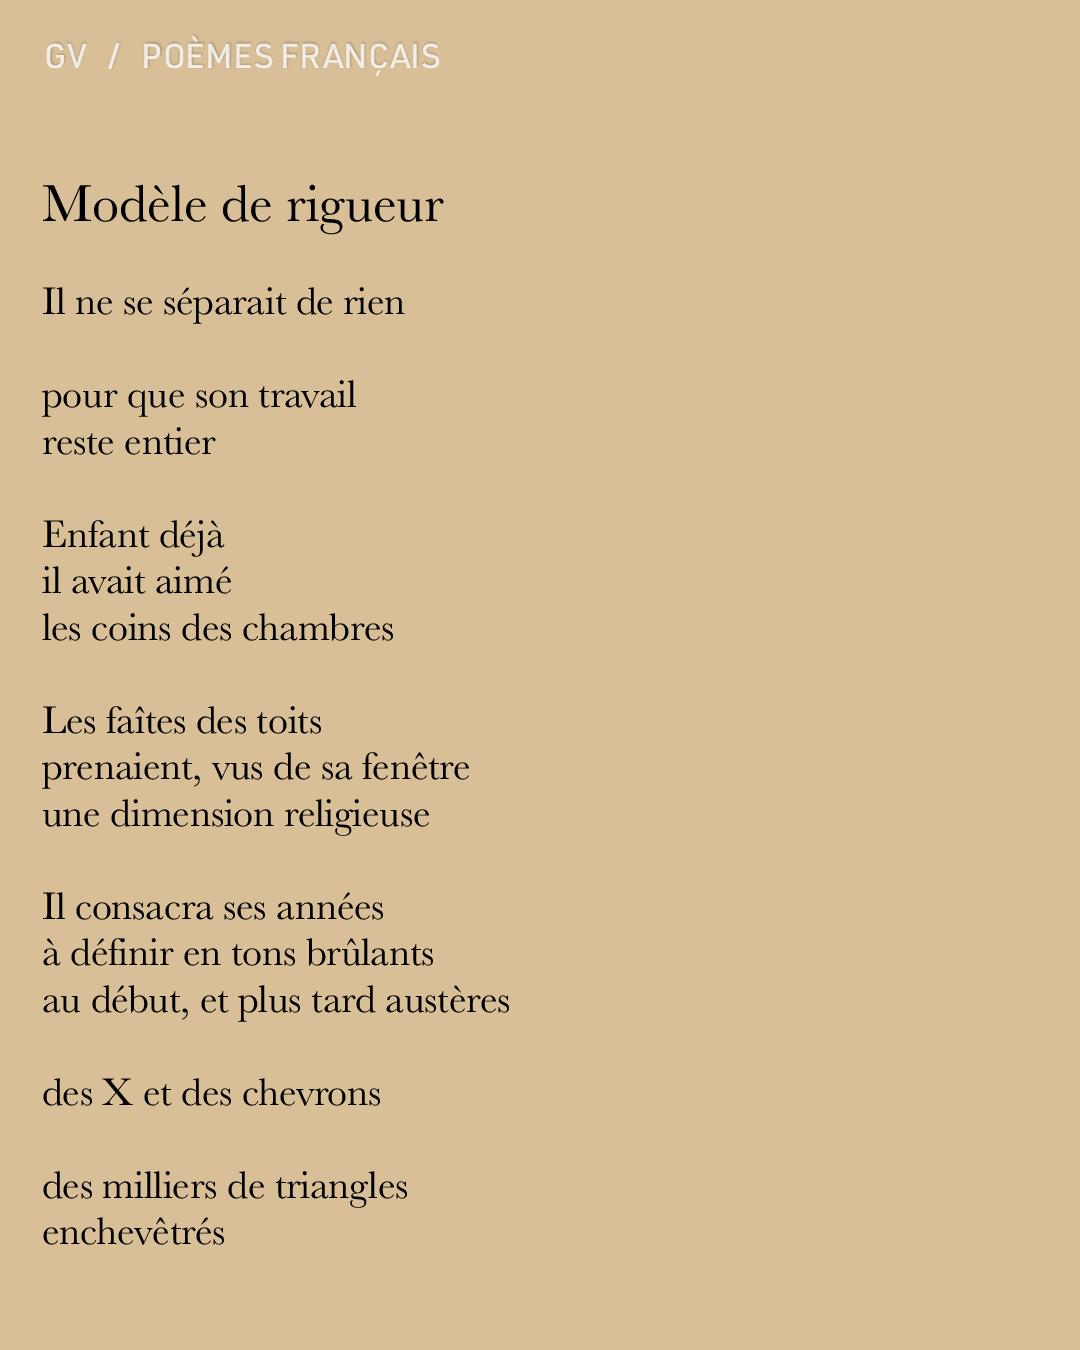 Gvion-PoemesF-ModeleDe.jpg